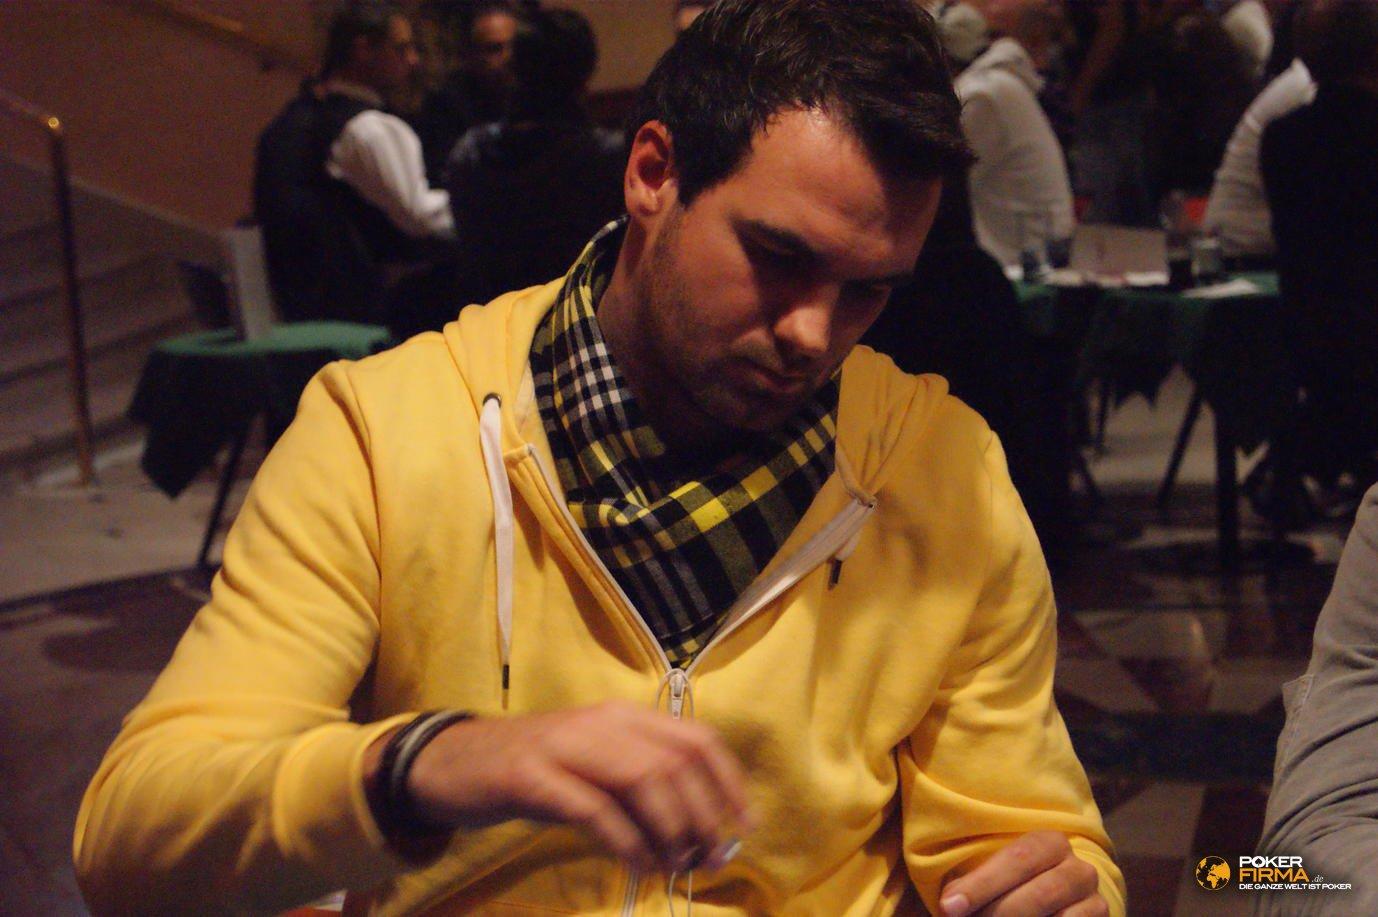 Poker_EM_2000_NLH_251011_Juergen_Sulzer